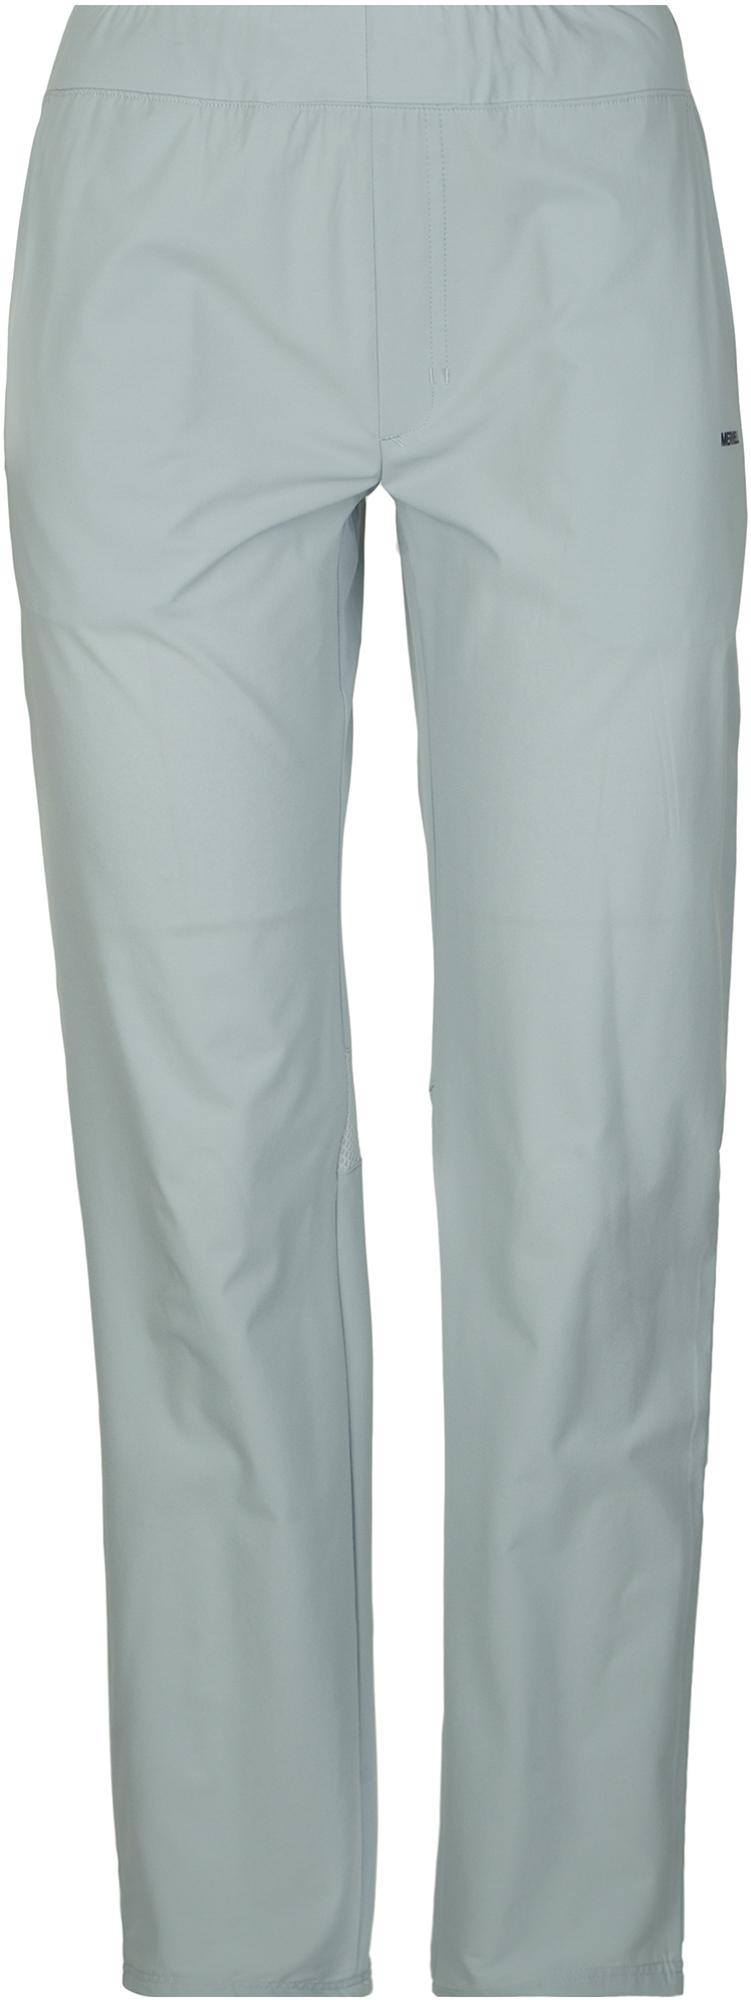 Merrell Брюки женские Merrell, размер 52 недорго, оригинальная цена